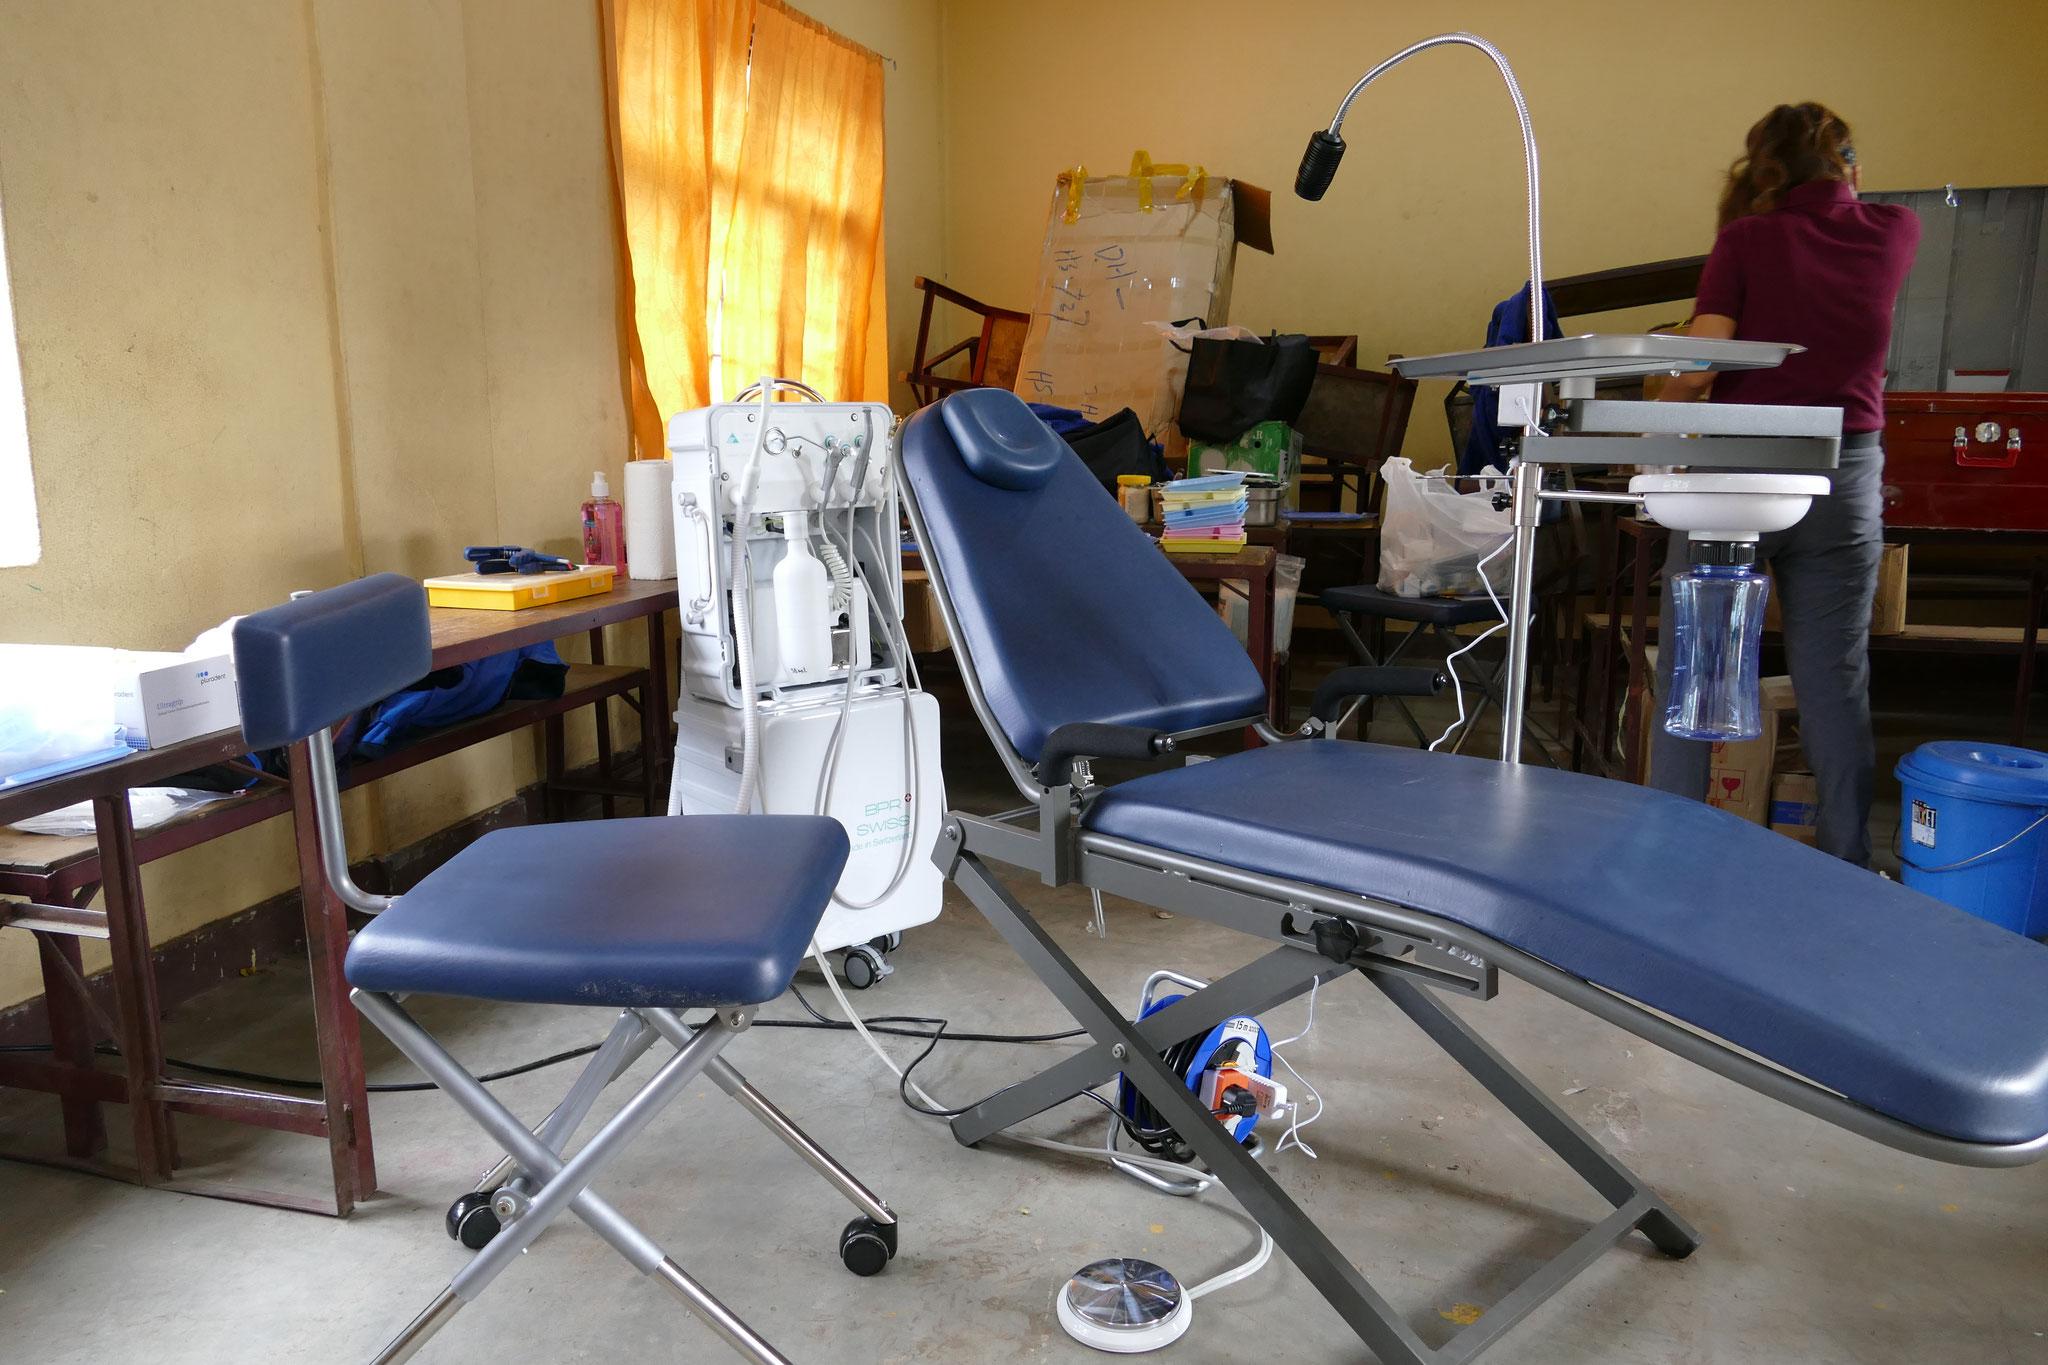 Provisorisch eingerichtetes Behandlungszimmer mit portablem Behandlungsstuhl und mobiler Einheit